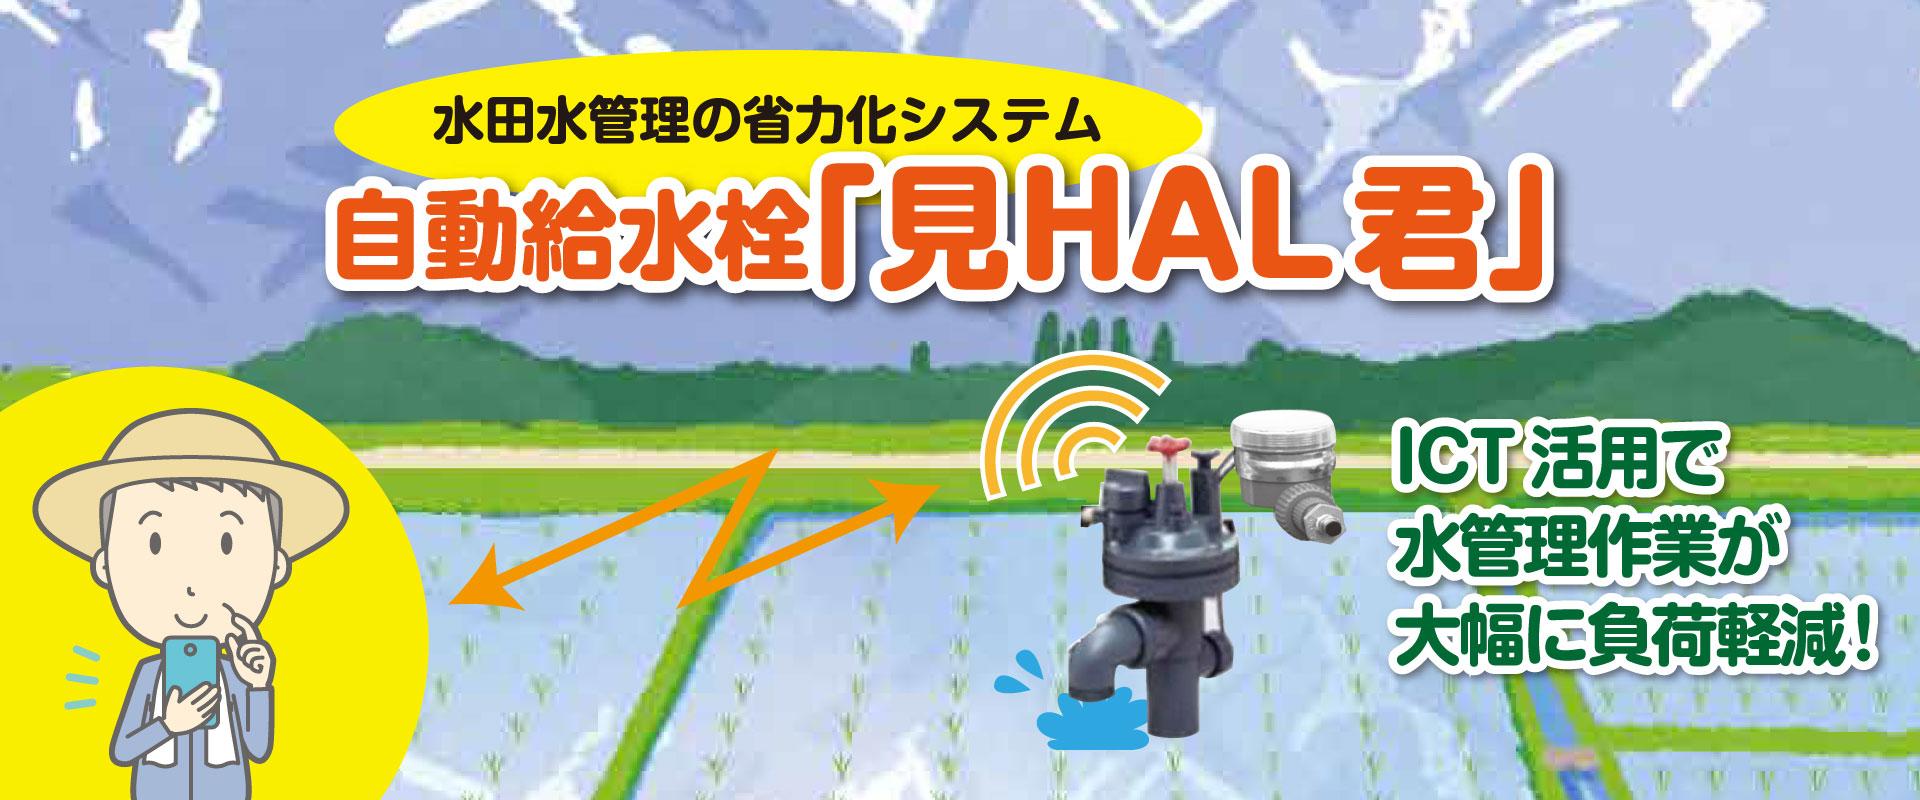 自動給水栓「見HAL君」